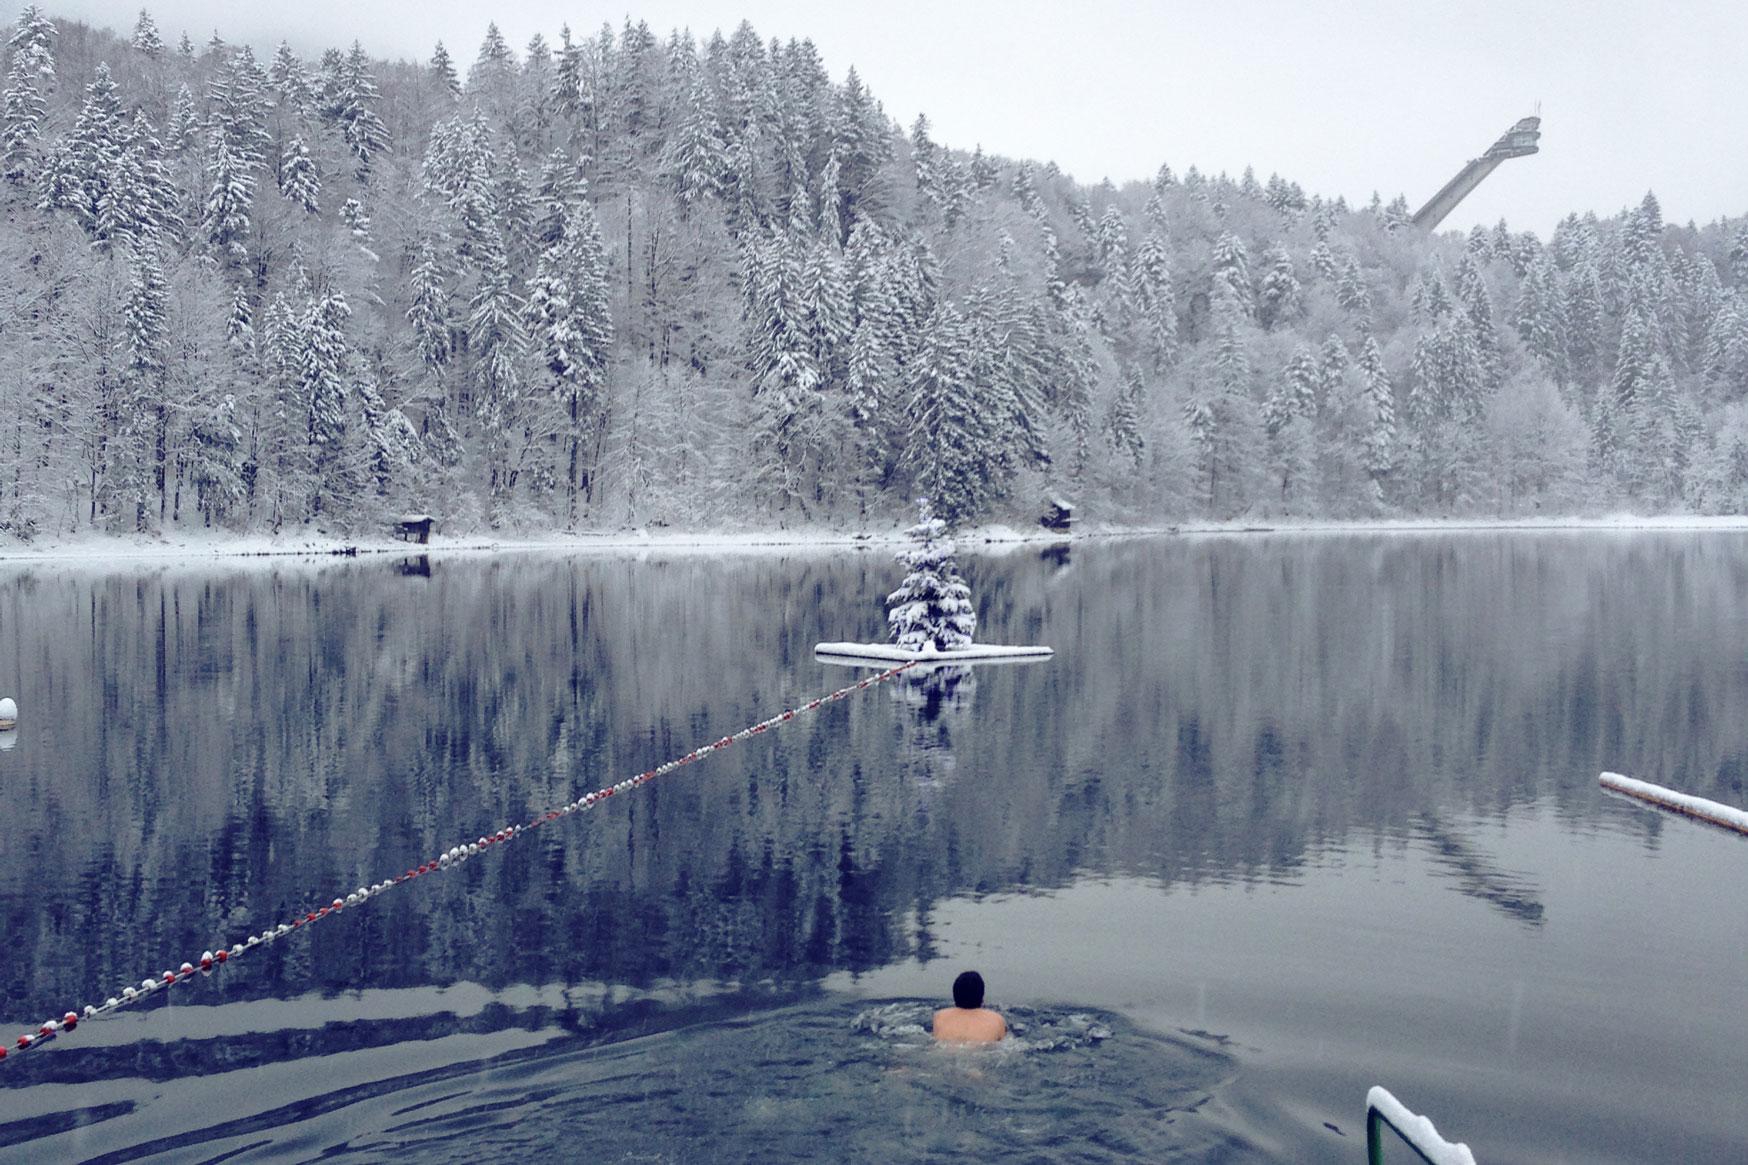 liz-kellerer-munichmountaingirls-winter-schwimmen-freibergsee